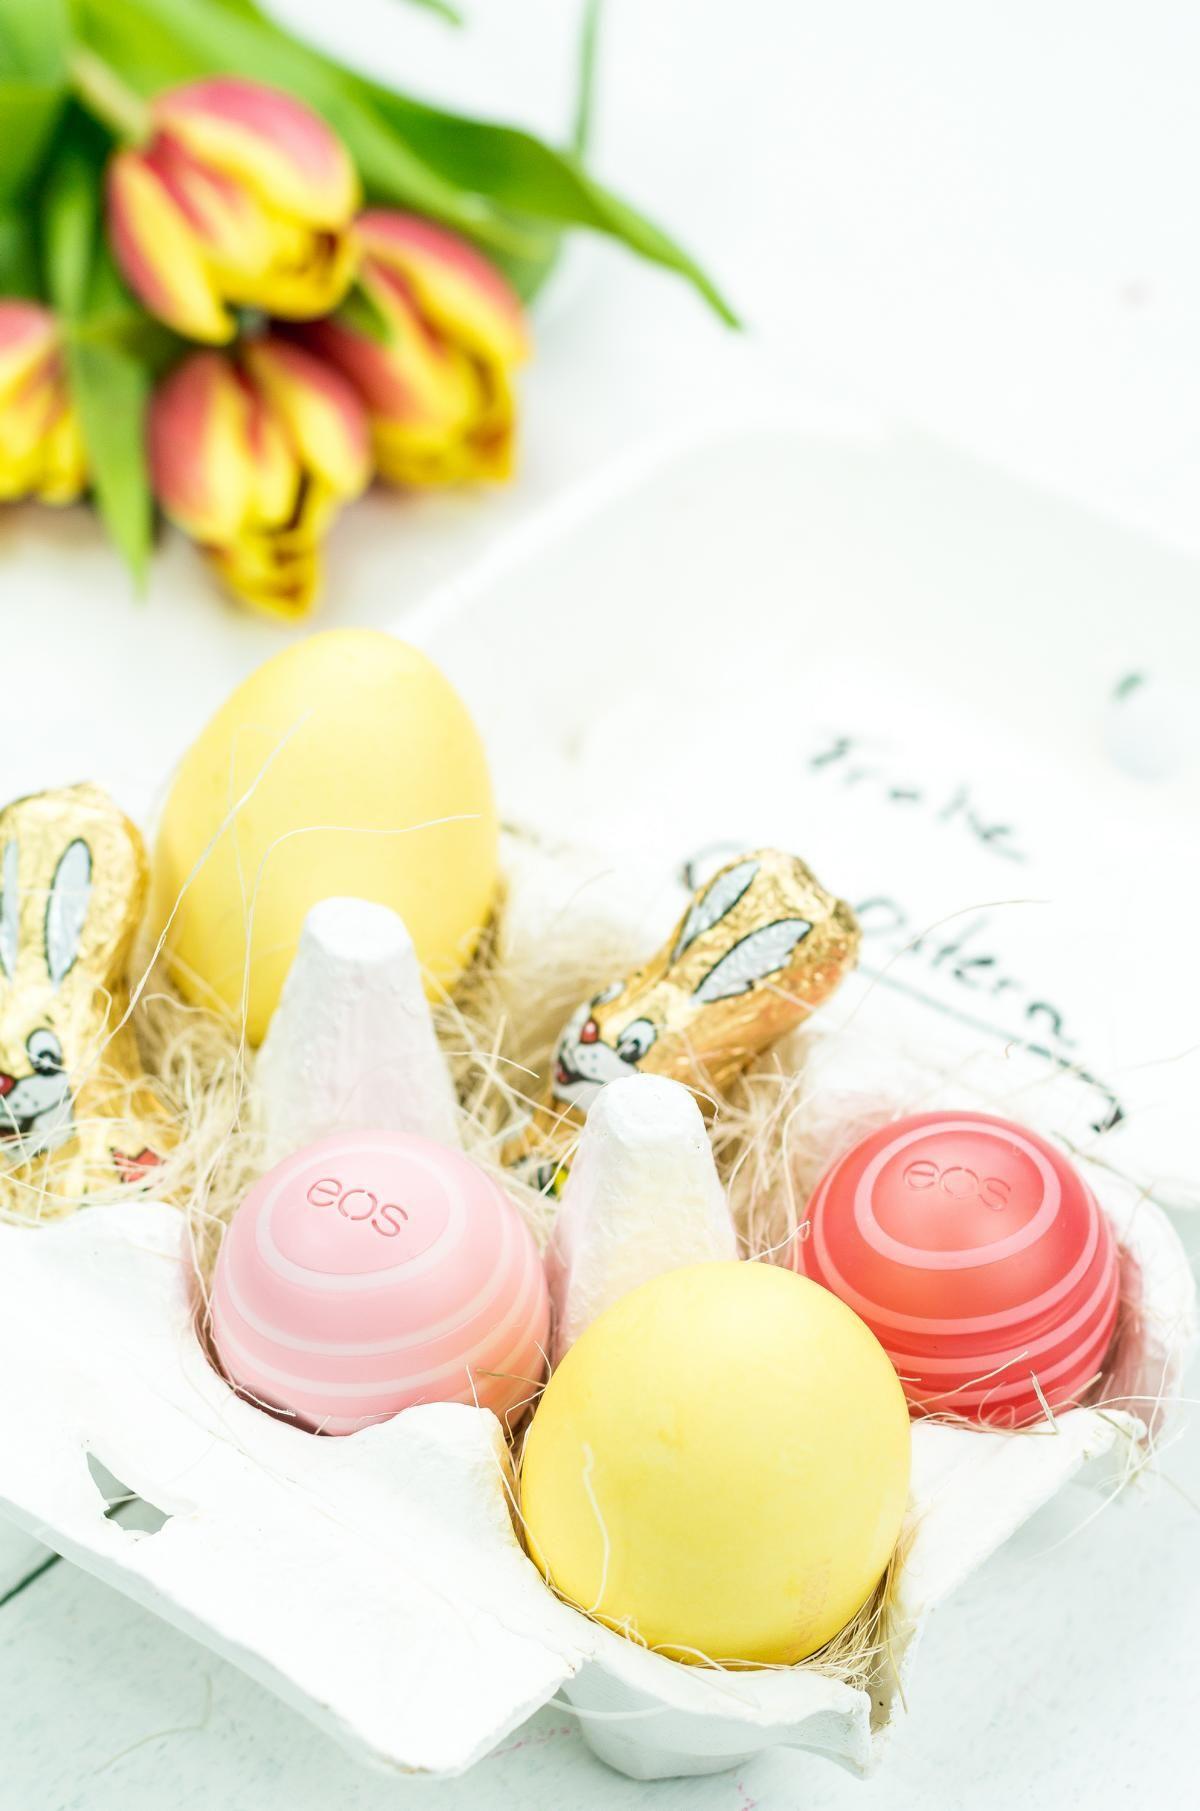 DIY Osternest im Eierkarton basteln - Geschenkidee inspiriert von eos